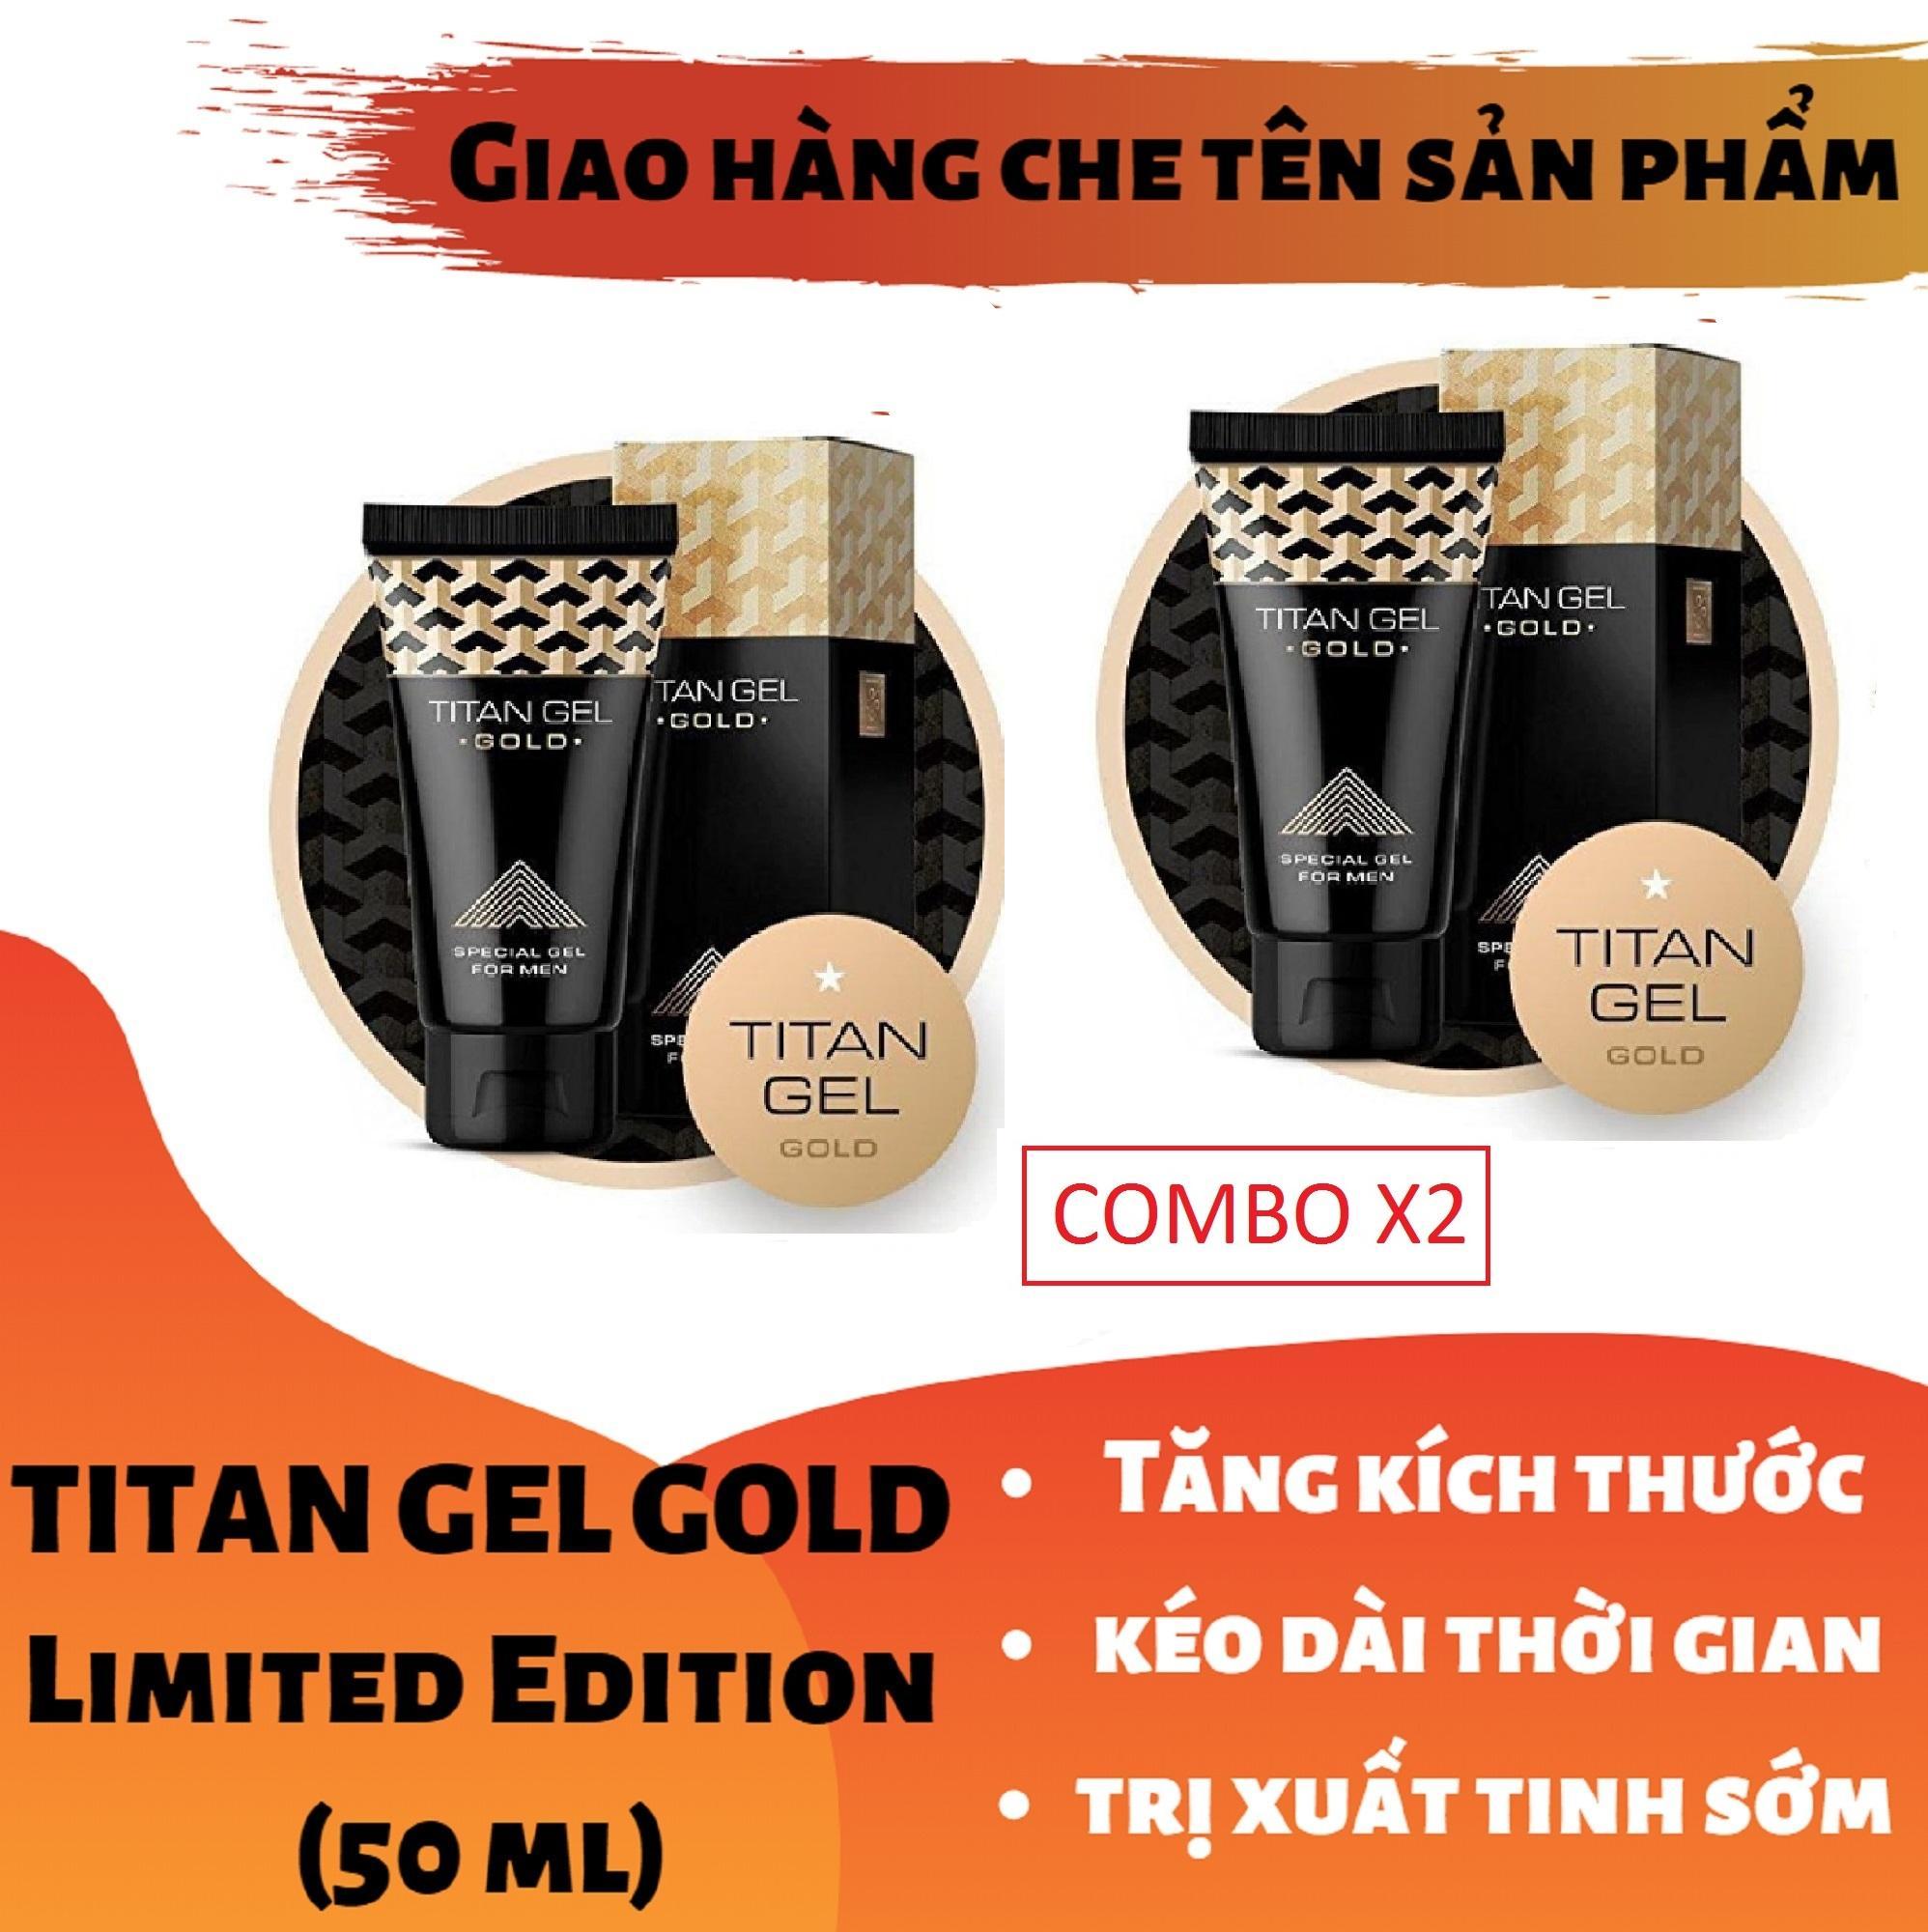 (Lô mới nhất) Combo x2 Titan-Gel-Nga GOLD cao cấp phiên bản giới hạn - Gel dành cho nam - hàng chuẩn Nga tăng kích thước cho cậu bé ( Che tên khi nhận hàng )